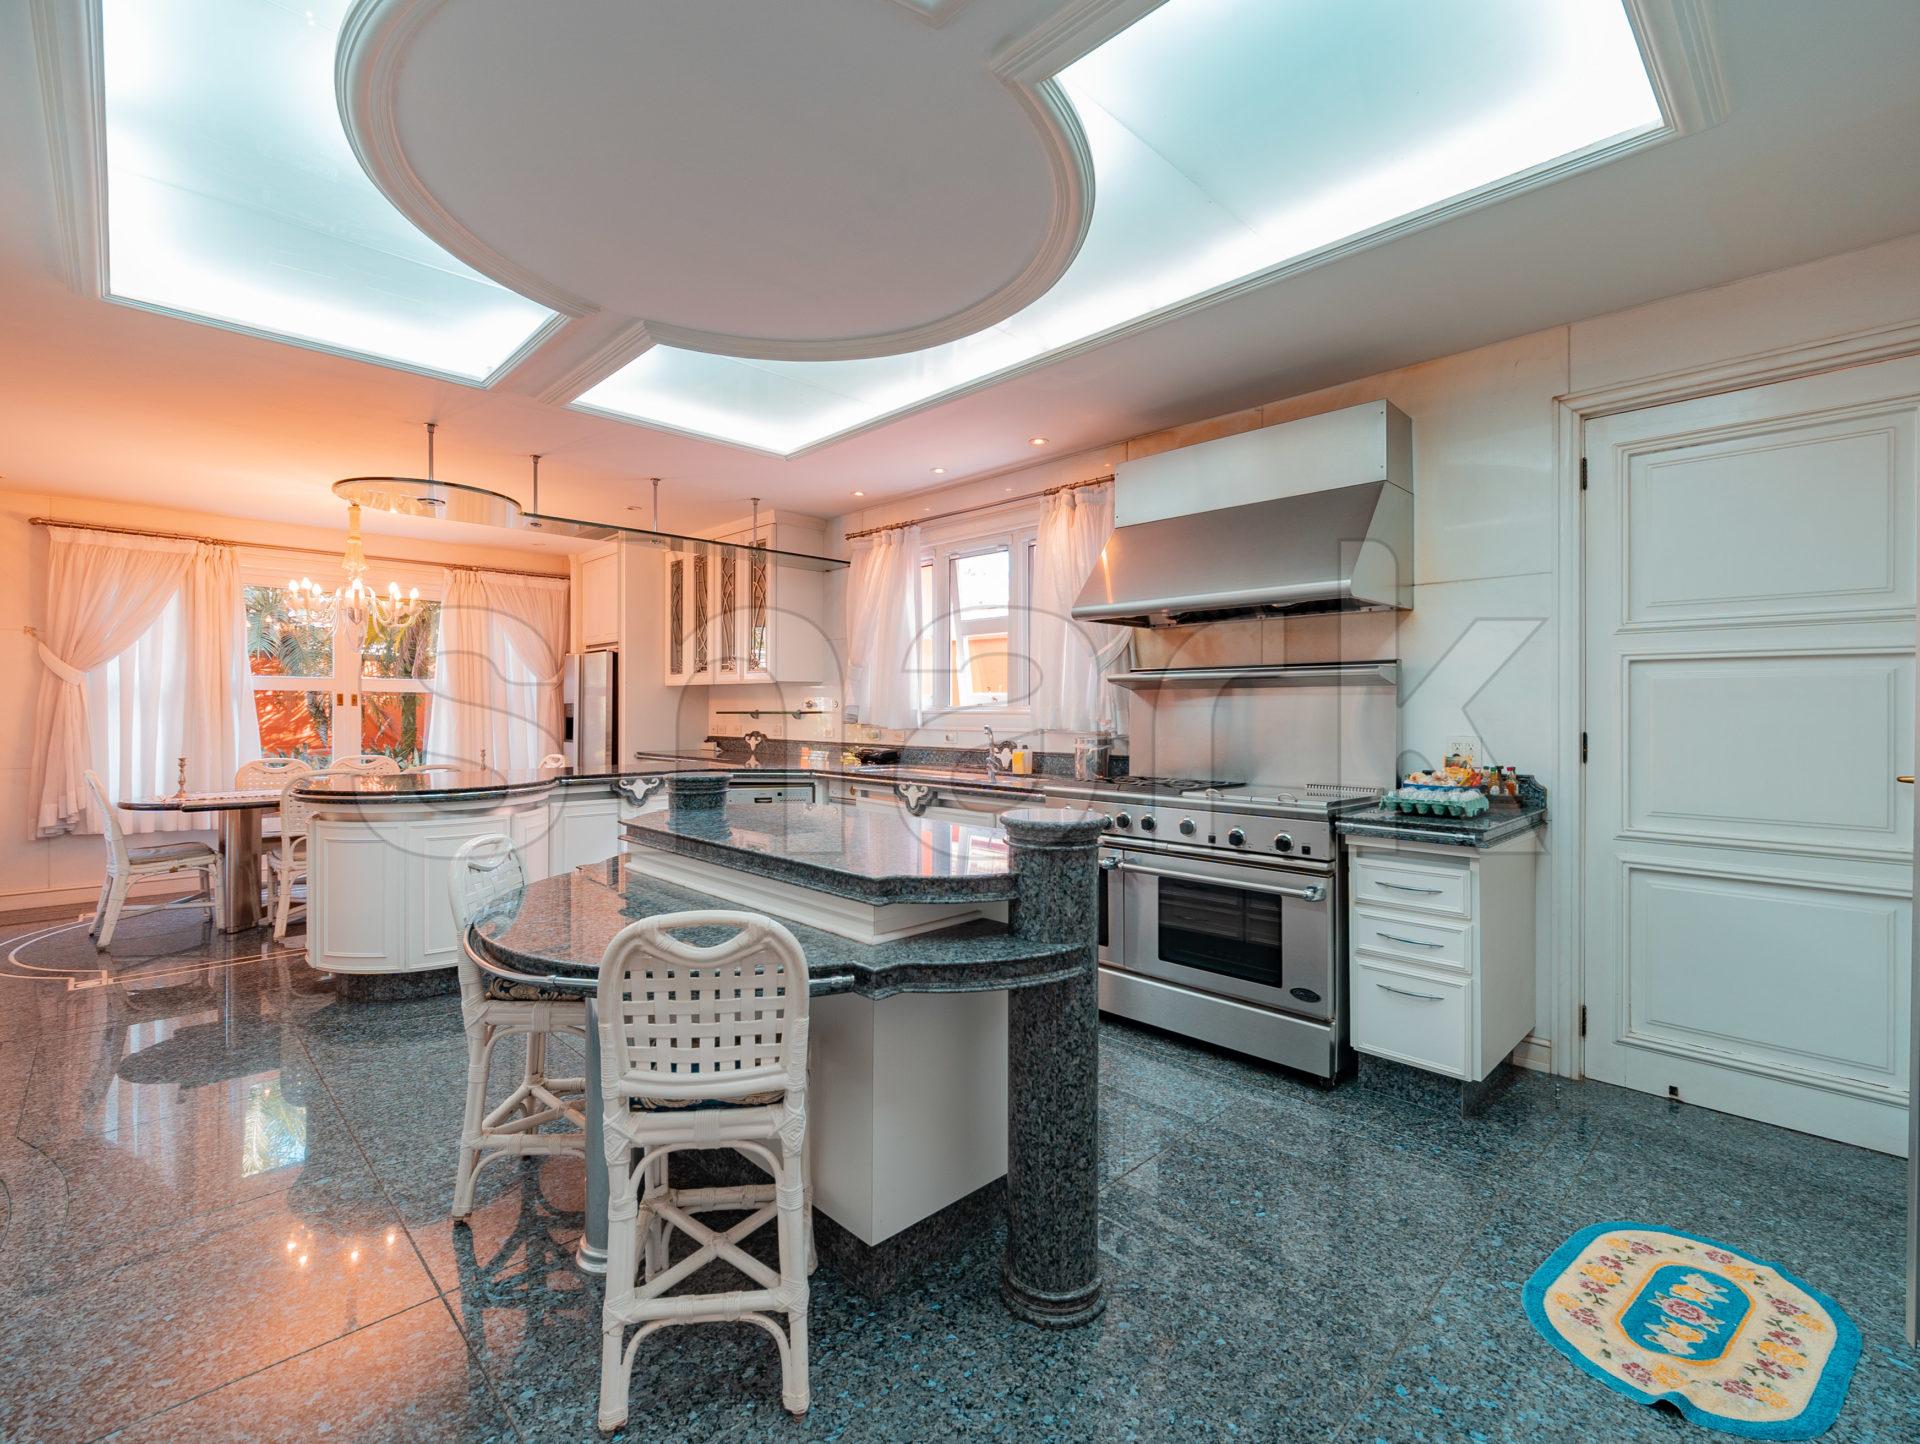 Cozinha da mansão que já foi de Zezé di Camargo e Zilu